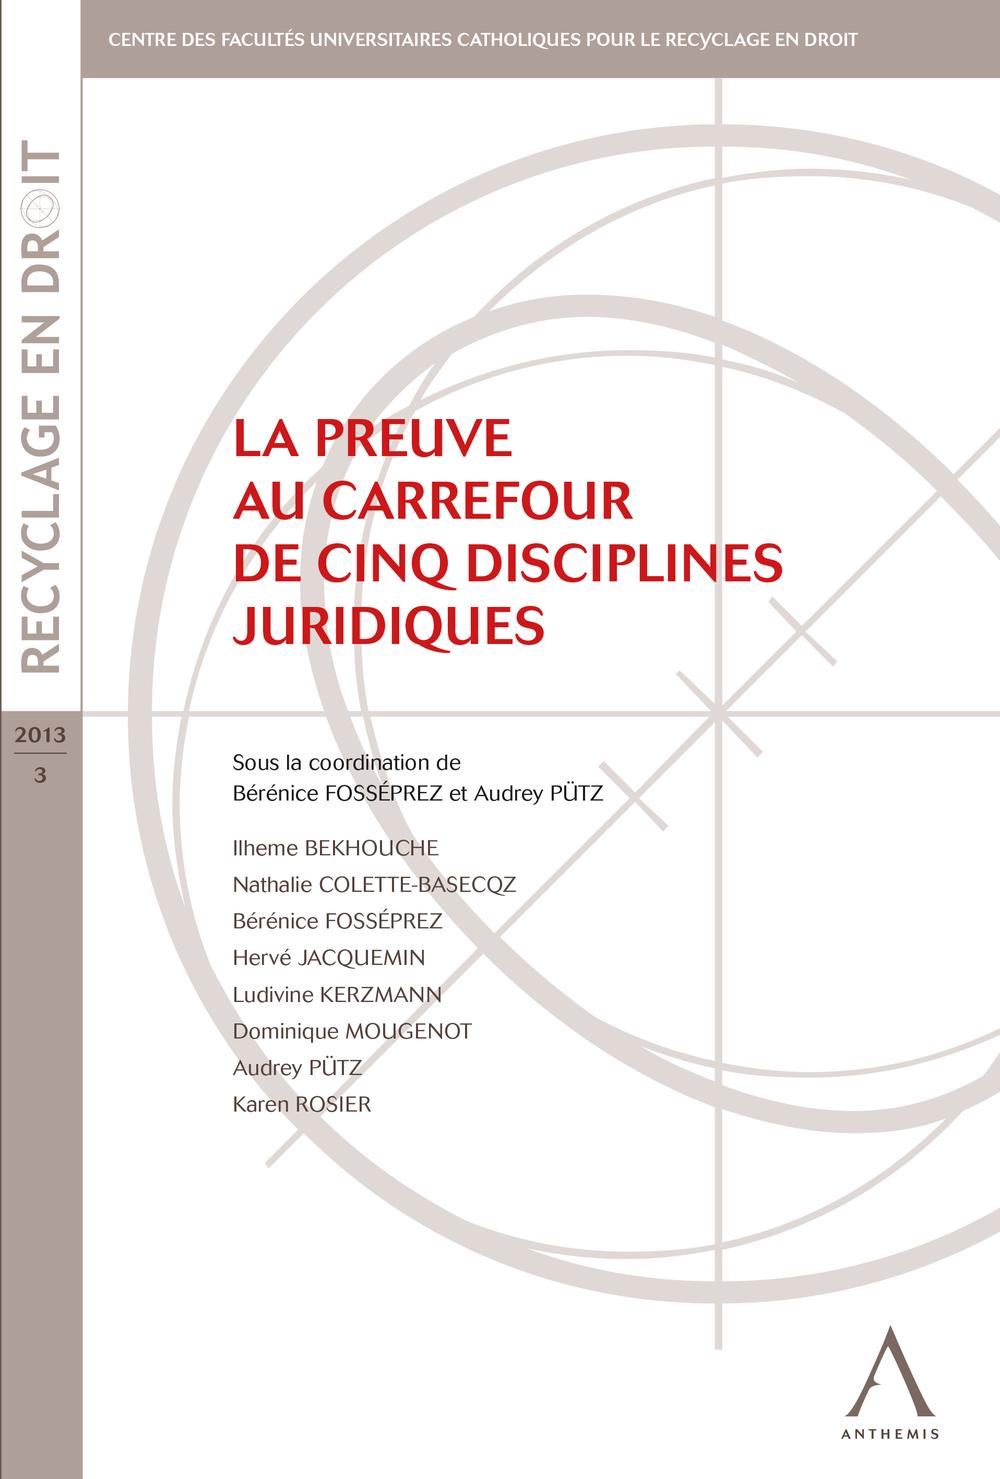 La preuve au carrefour de cinq disciplines juridiques